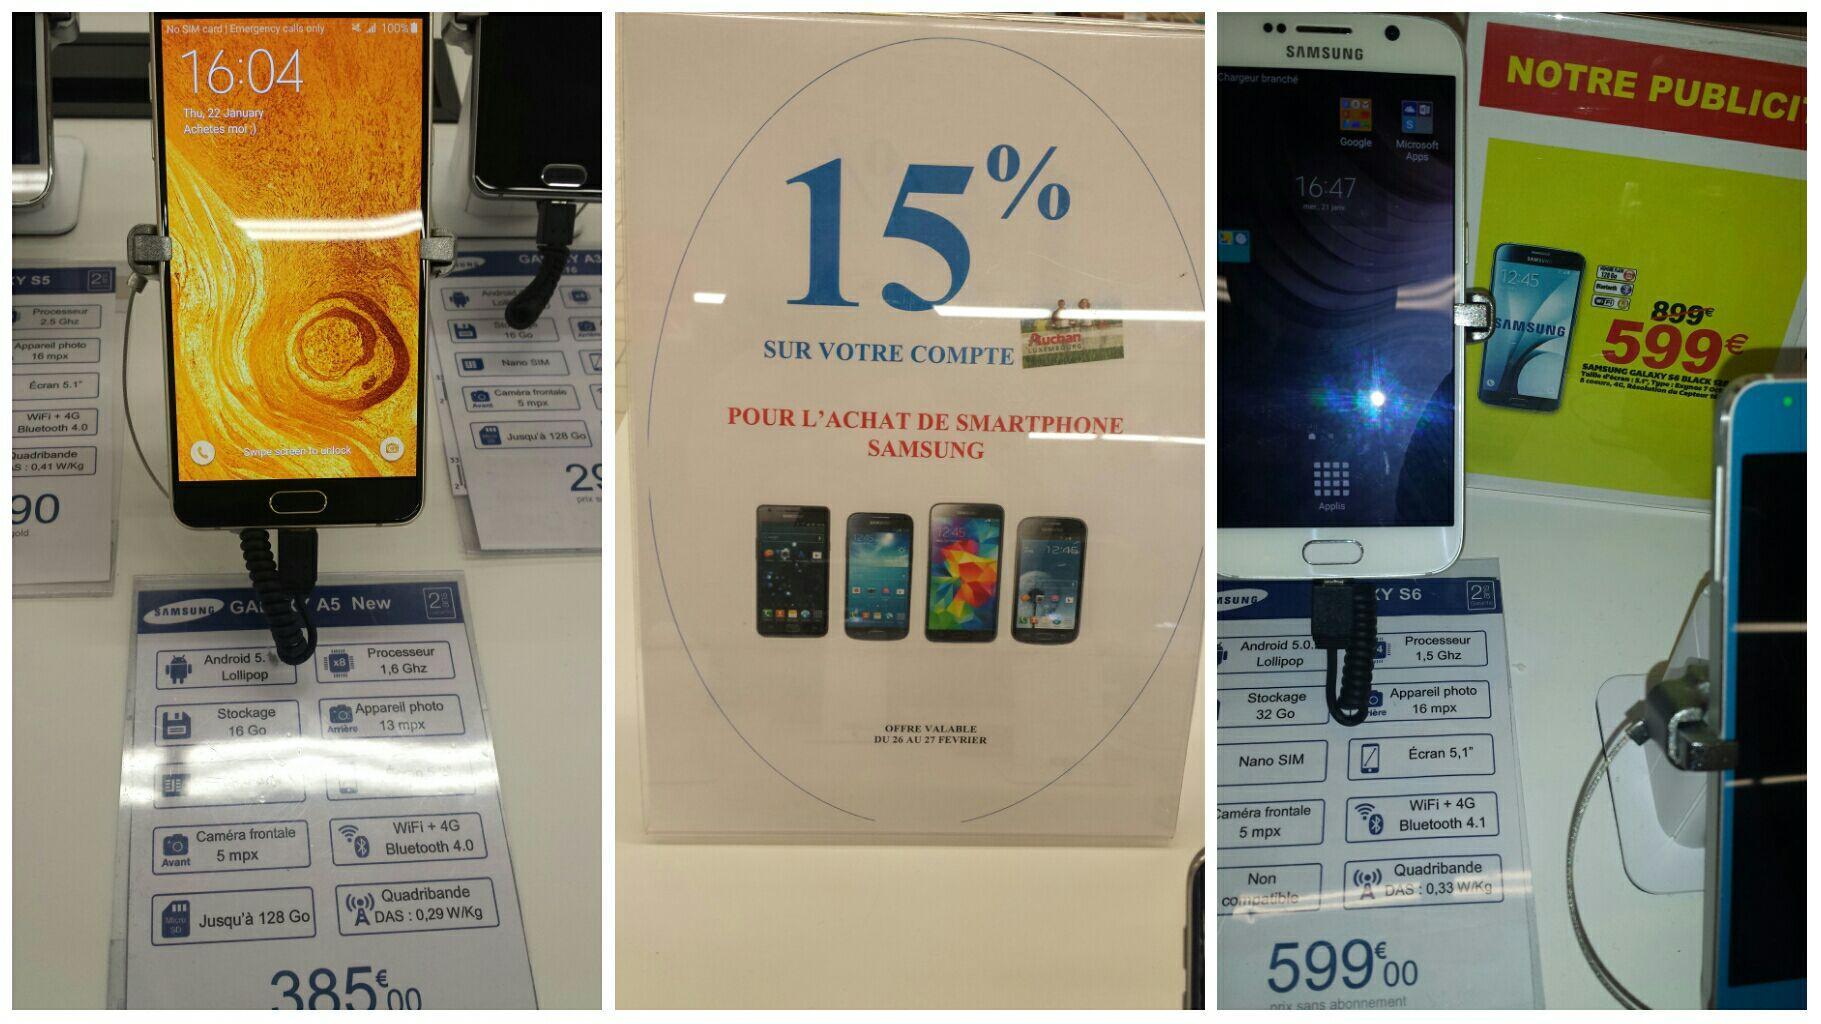 15% crédités sur votre carte pour l'achat d'un Smartphone Samsung